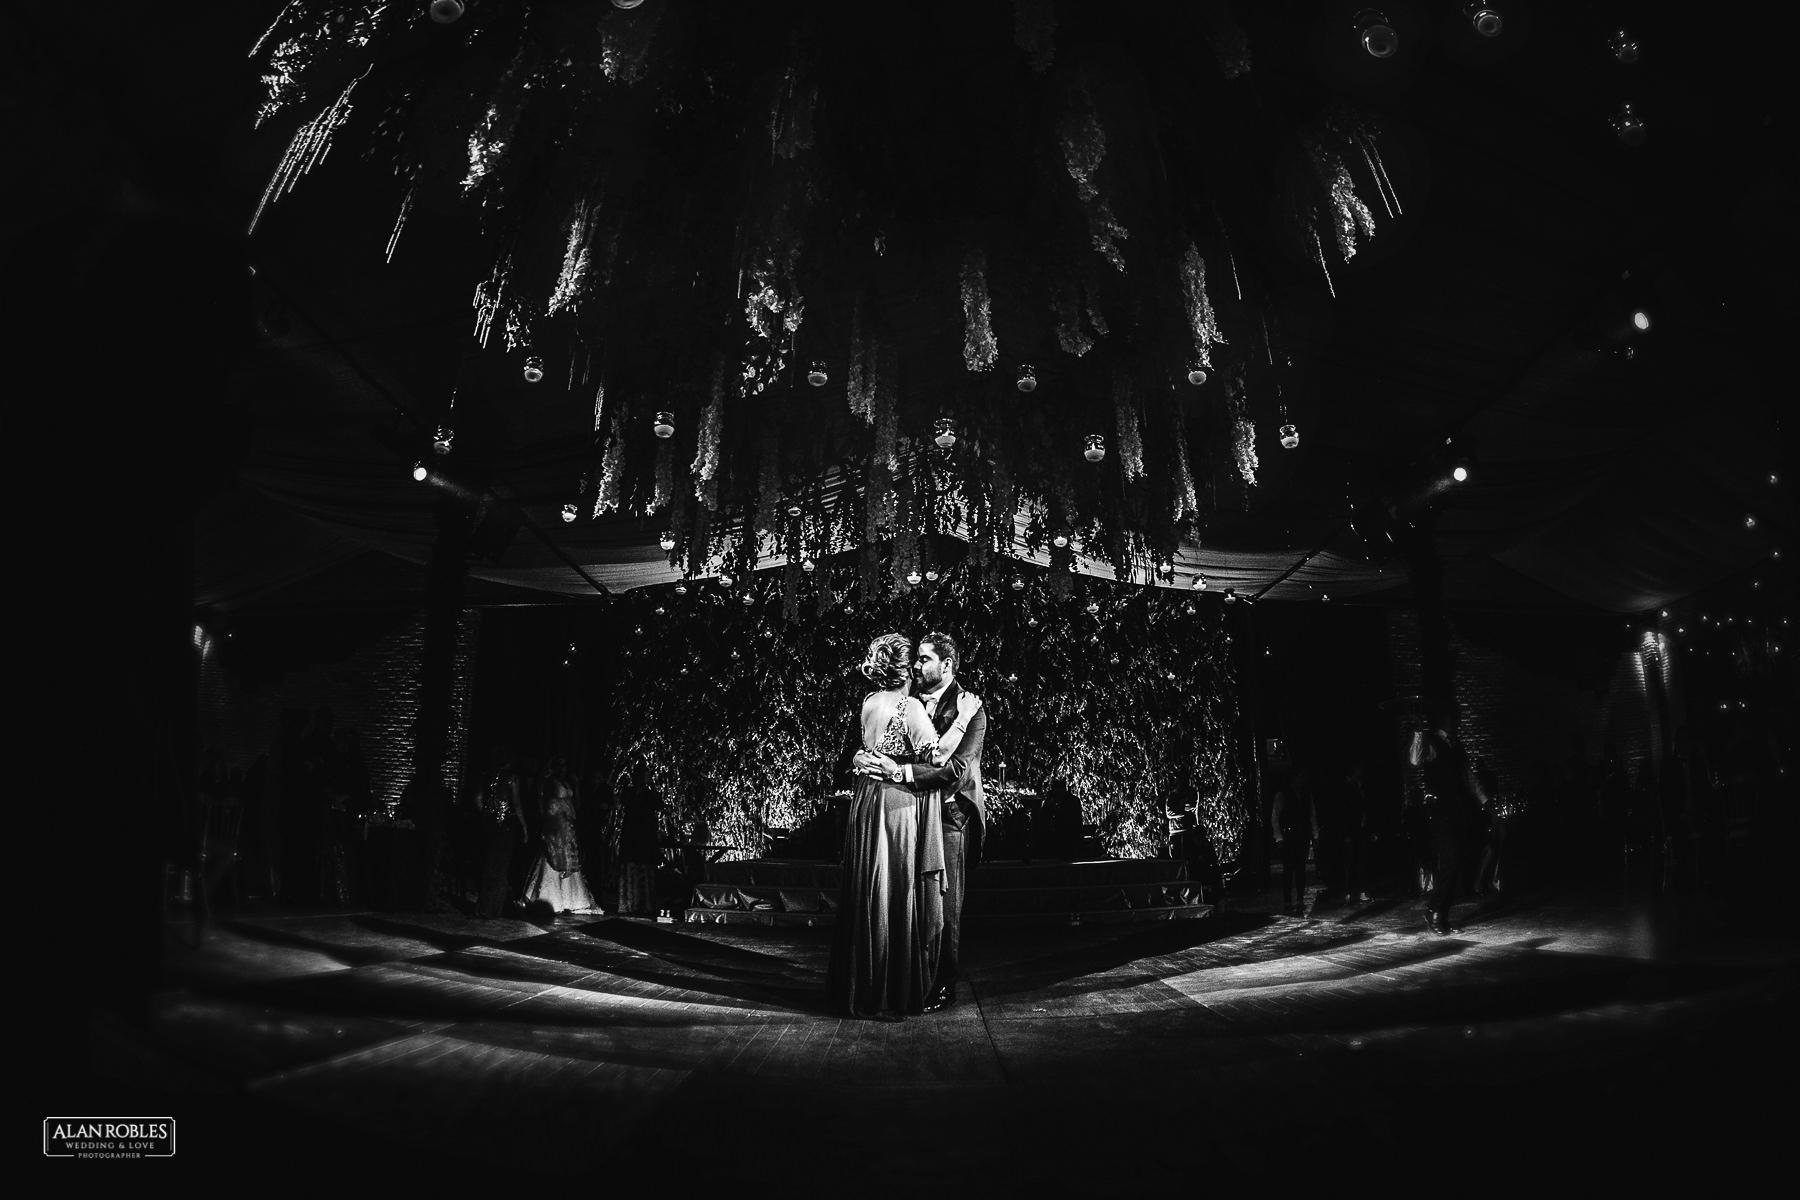 Fotografo de bodas Alan Robles-Casa Clementina Guadalajara DyA-58